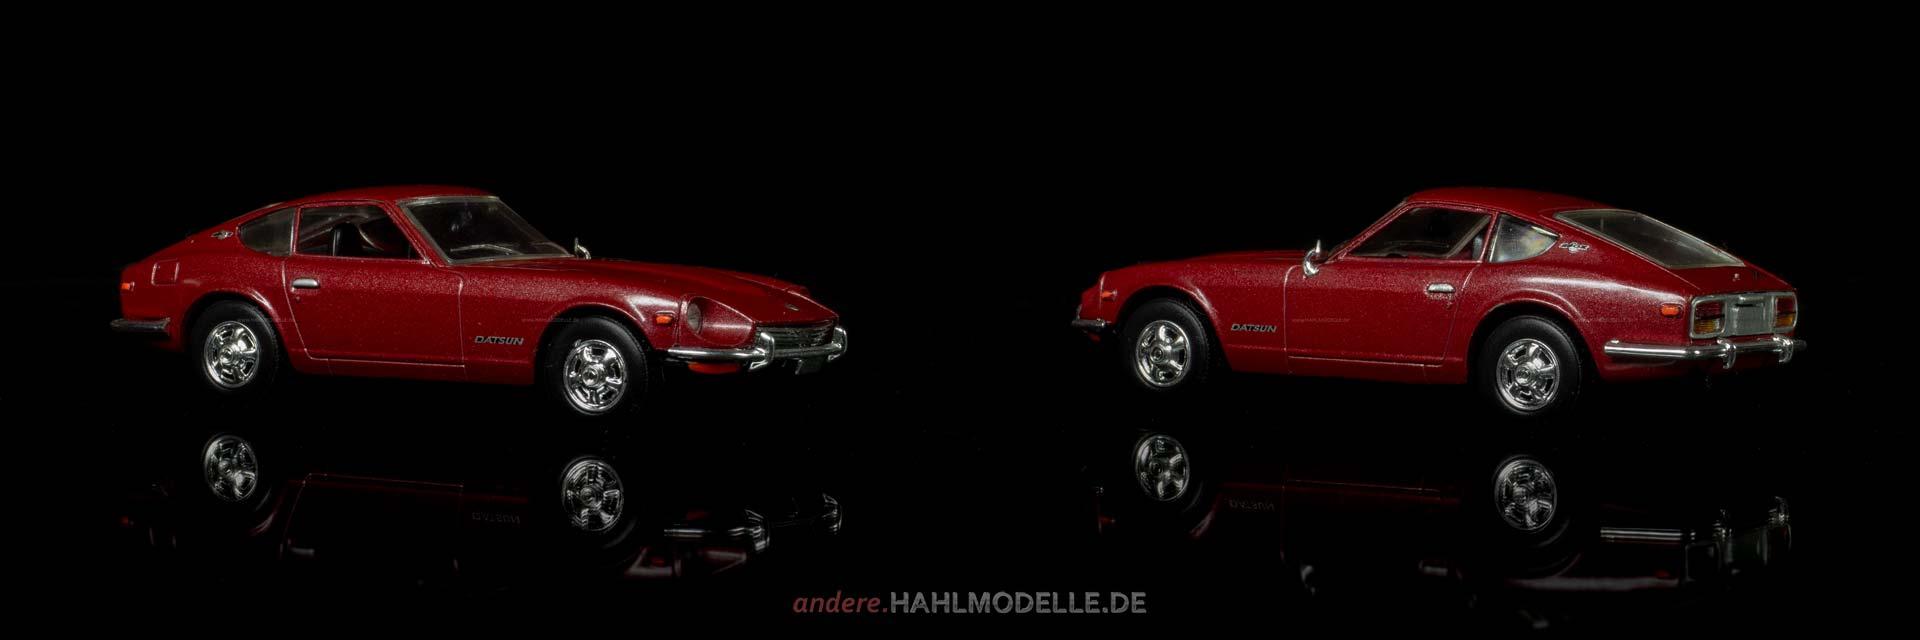 Datsun 240Z | Coupé | Ixo (Del Prado Car Collection) | 1:43 | www.andere.hahlmodelle.de